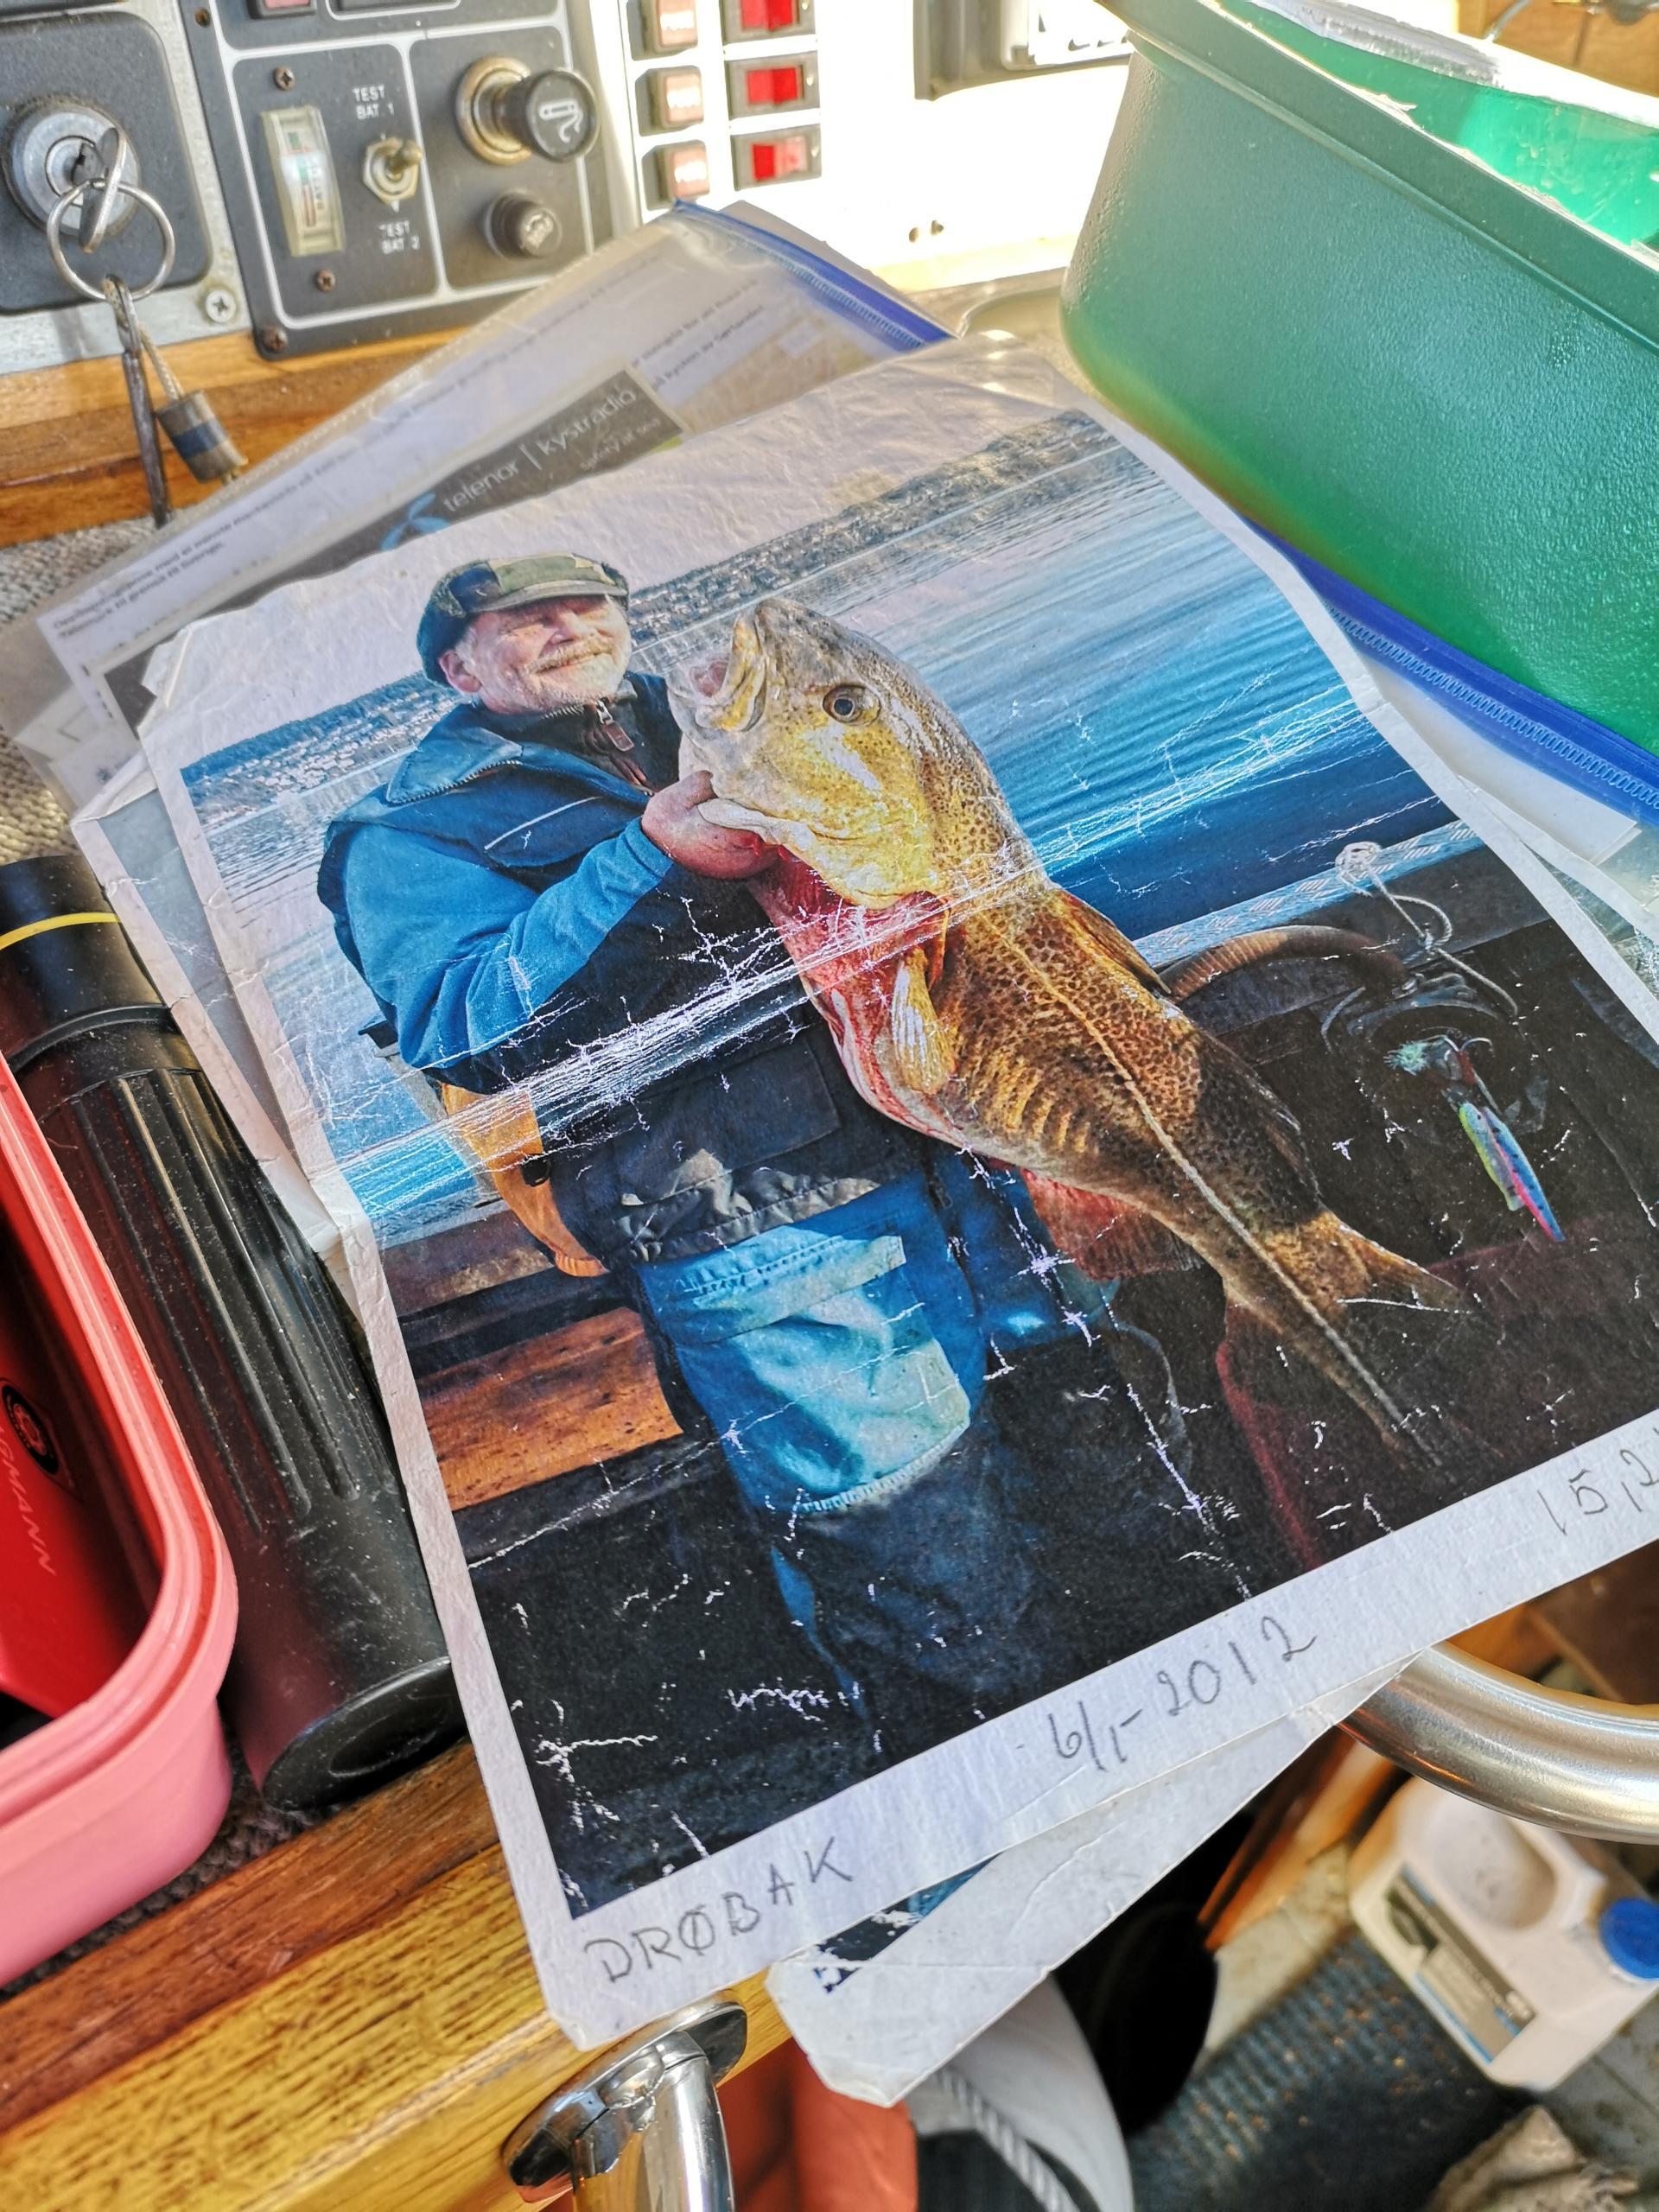 gammelt bilde av fangst (fisk)